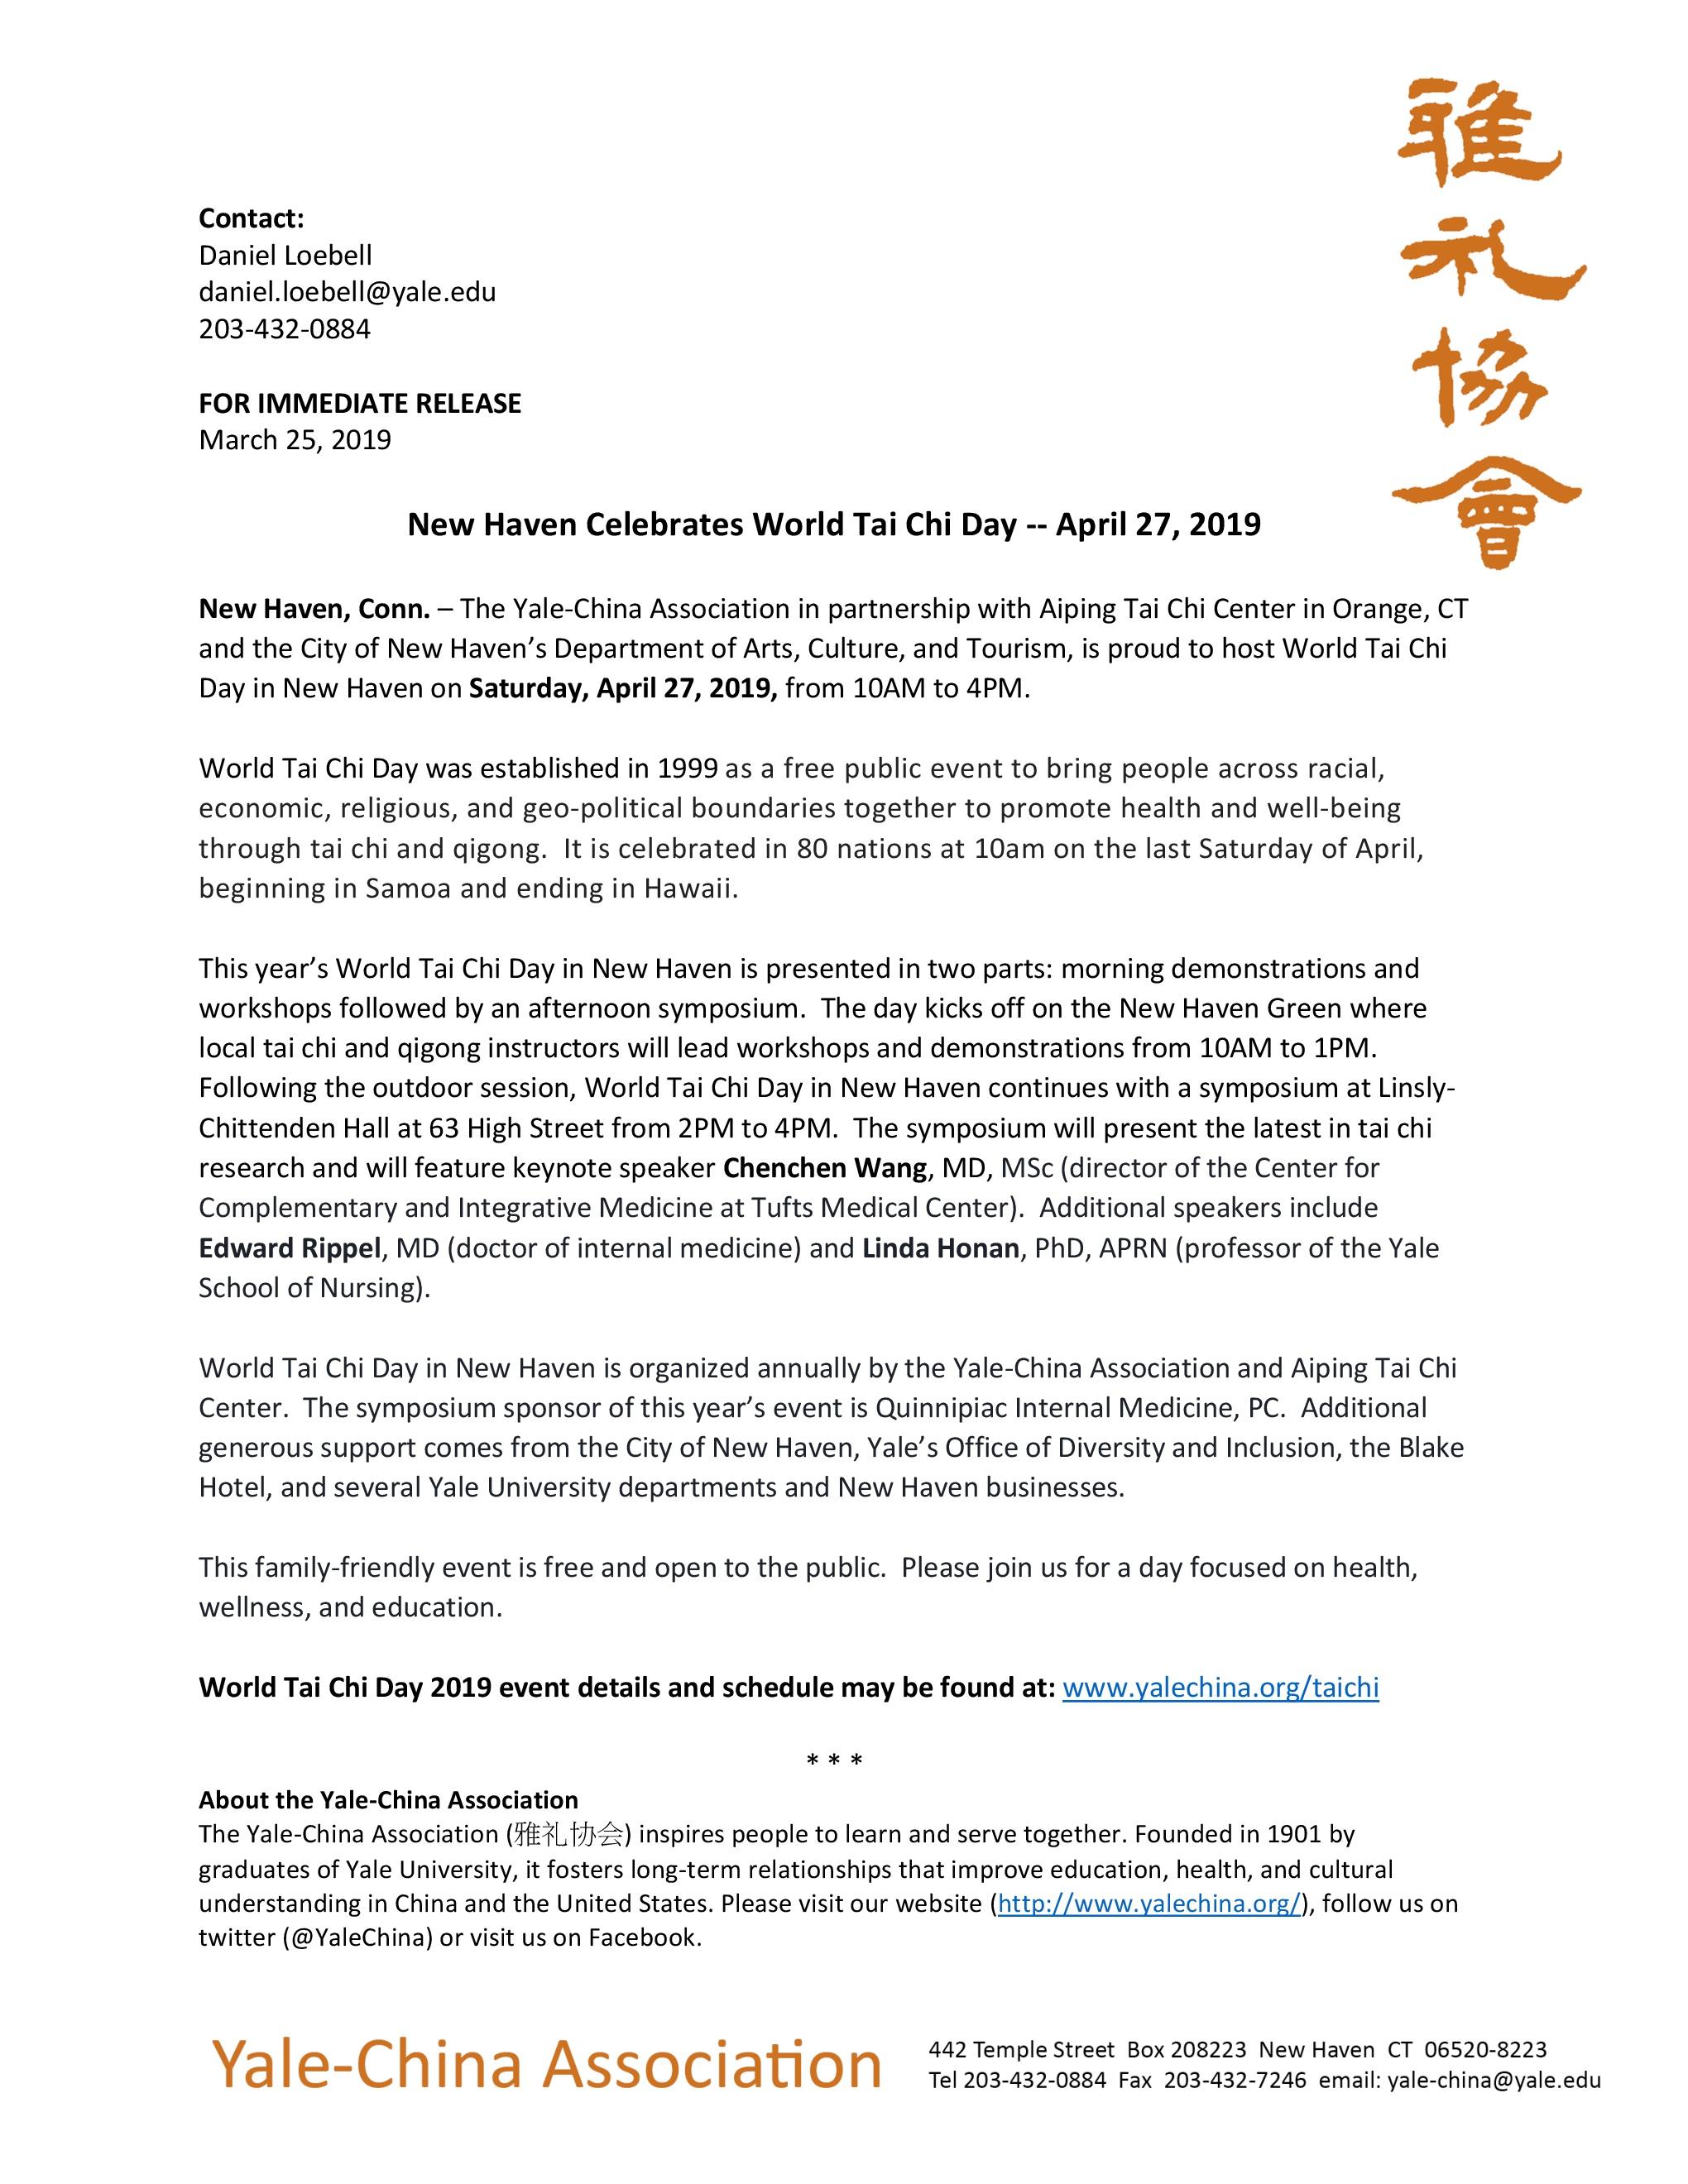 2019 WTCD Press Release.jpg